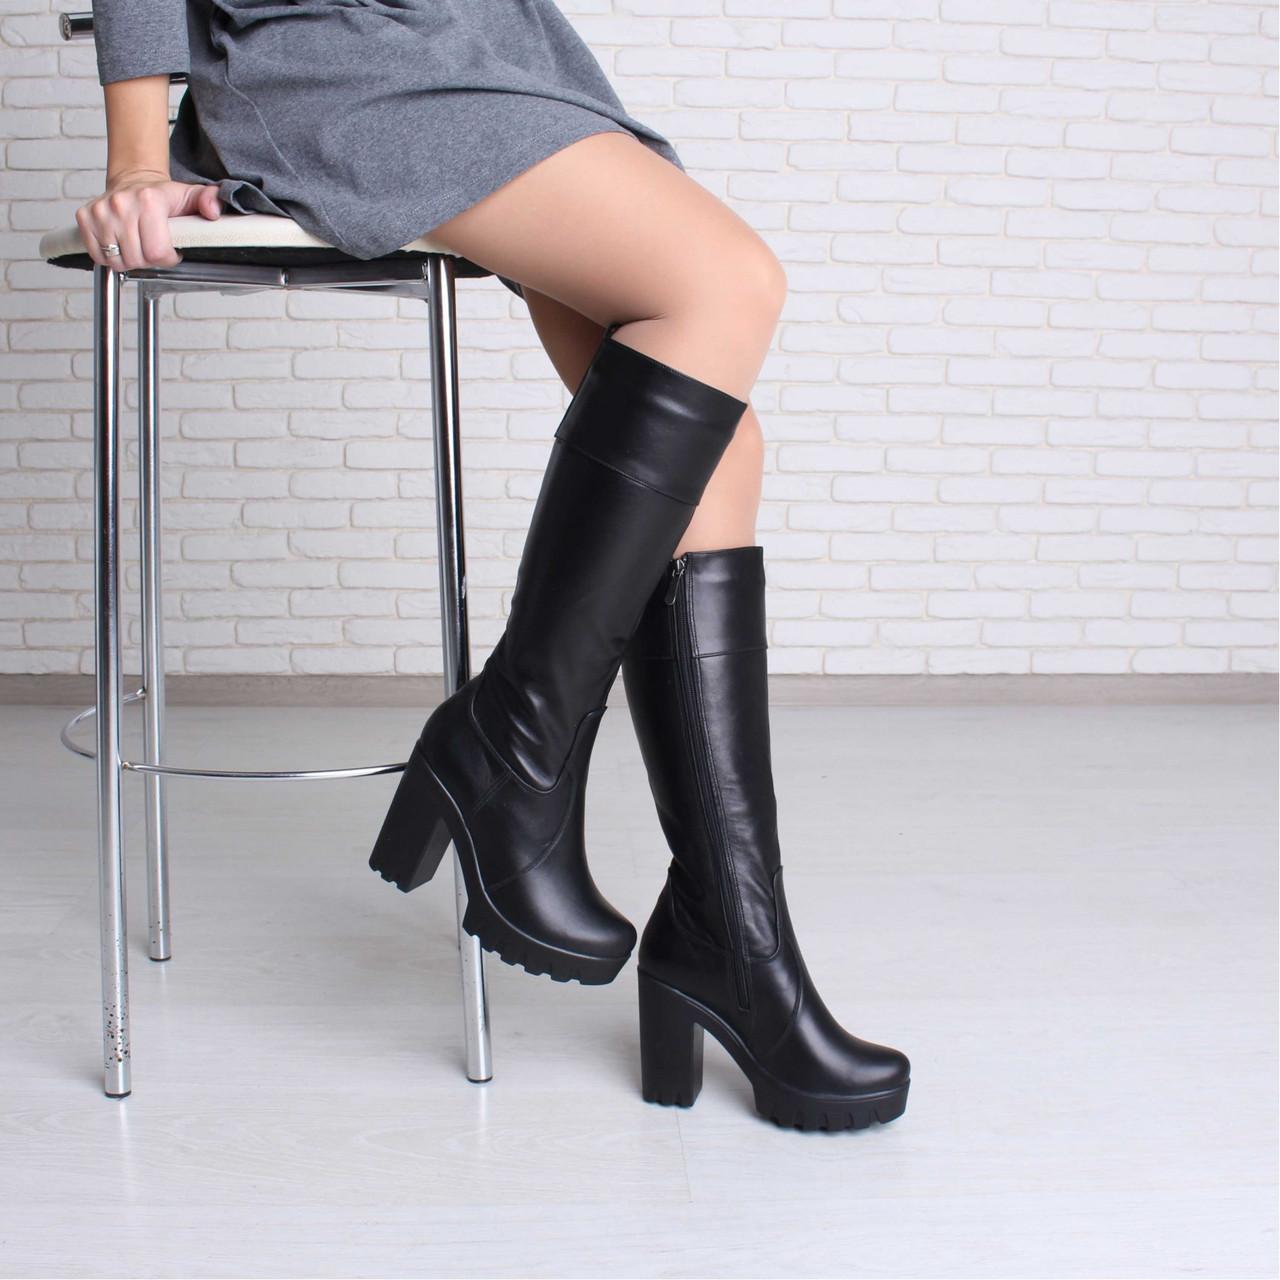 Кожаные сапоги на высоком каблуке с платформой